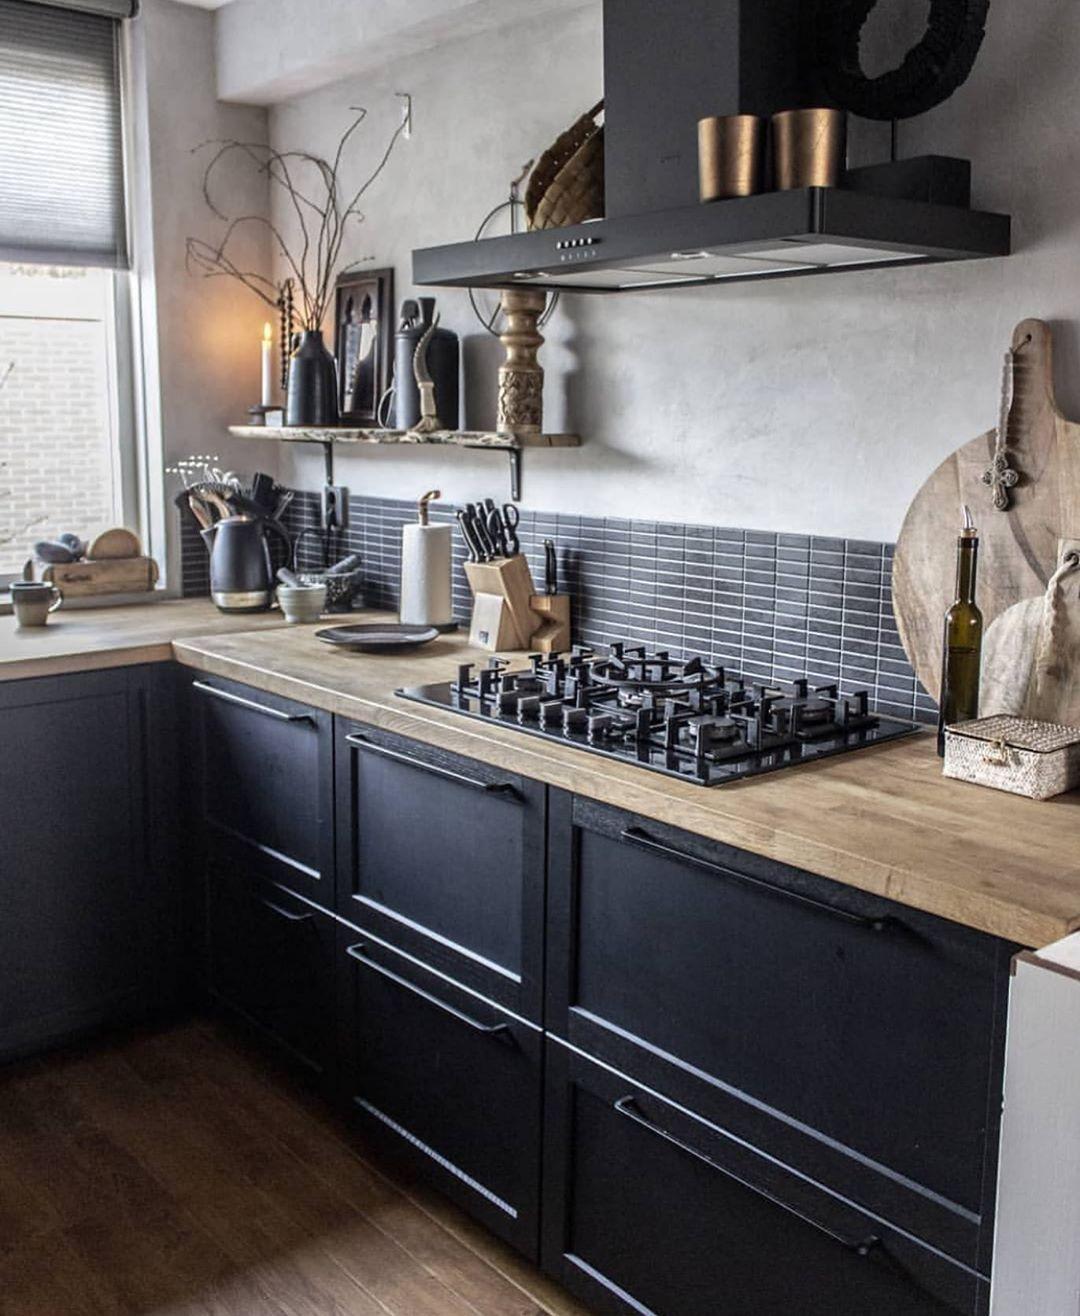 20x Kleine Keuken Inrichten Tips In 2020 Keuken Inspiratie